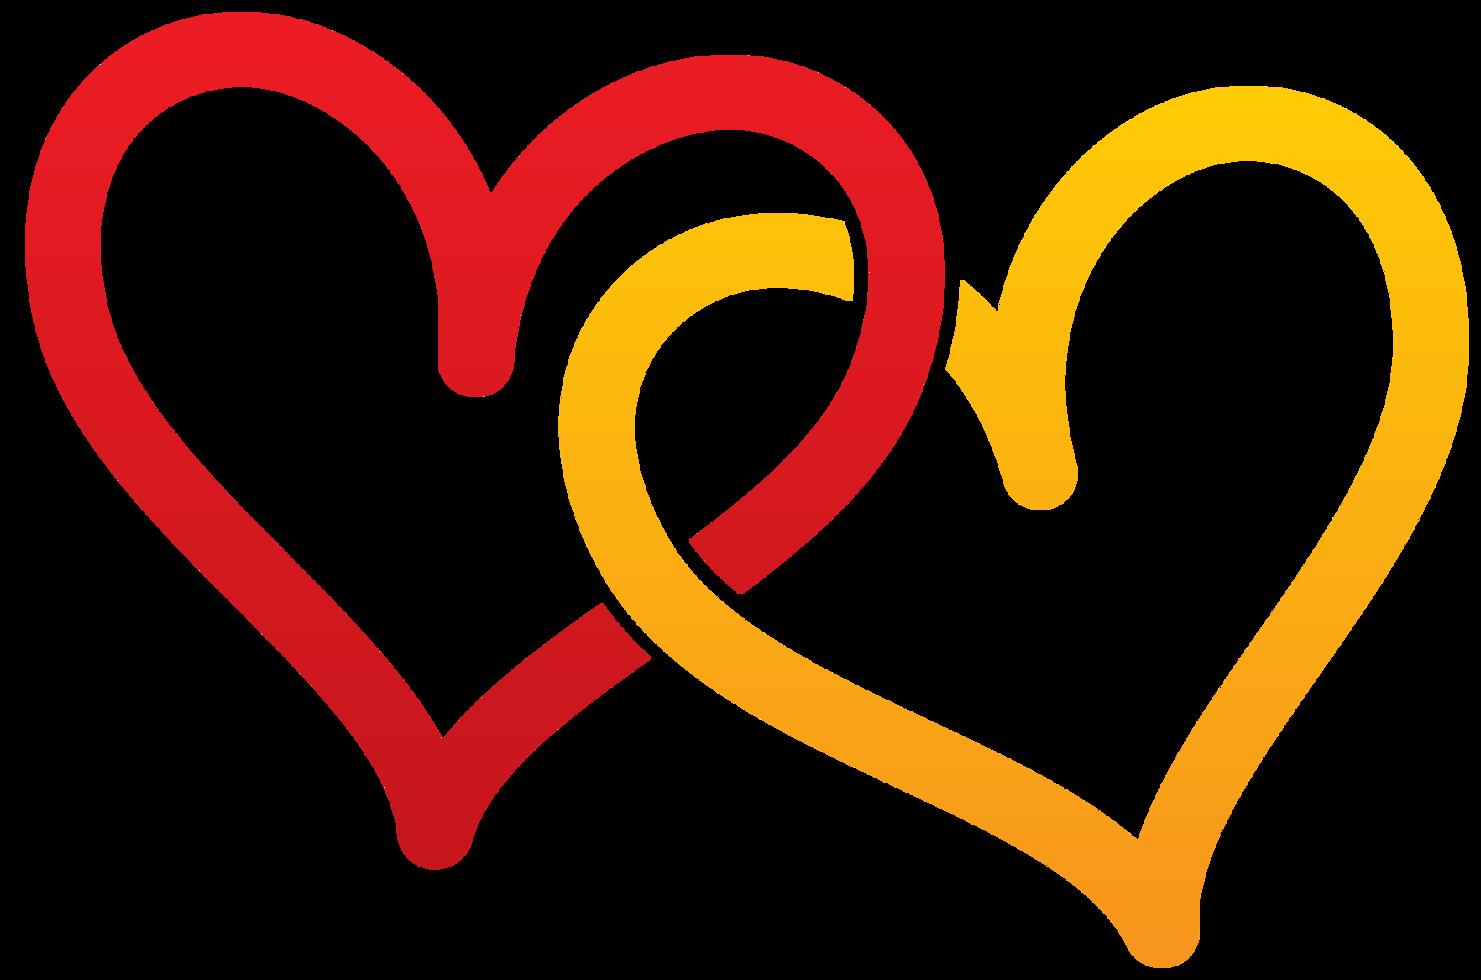 logo coeur png